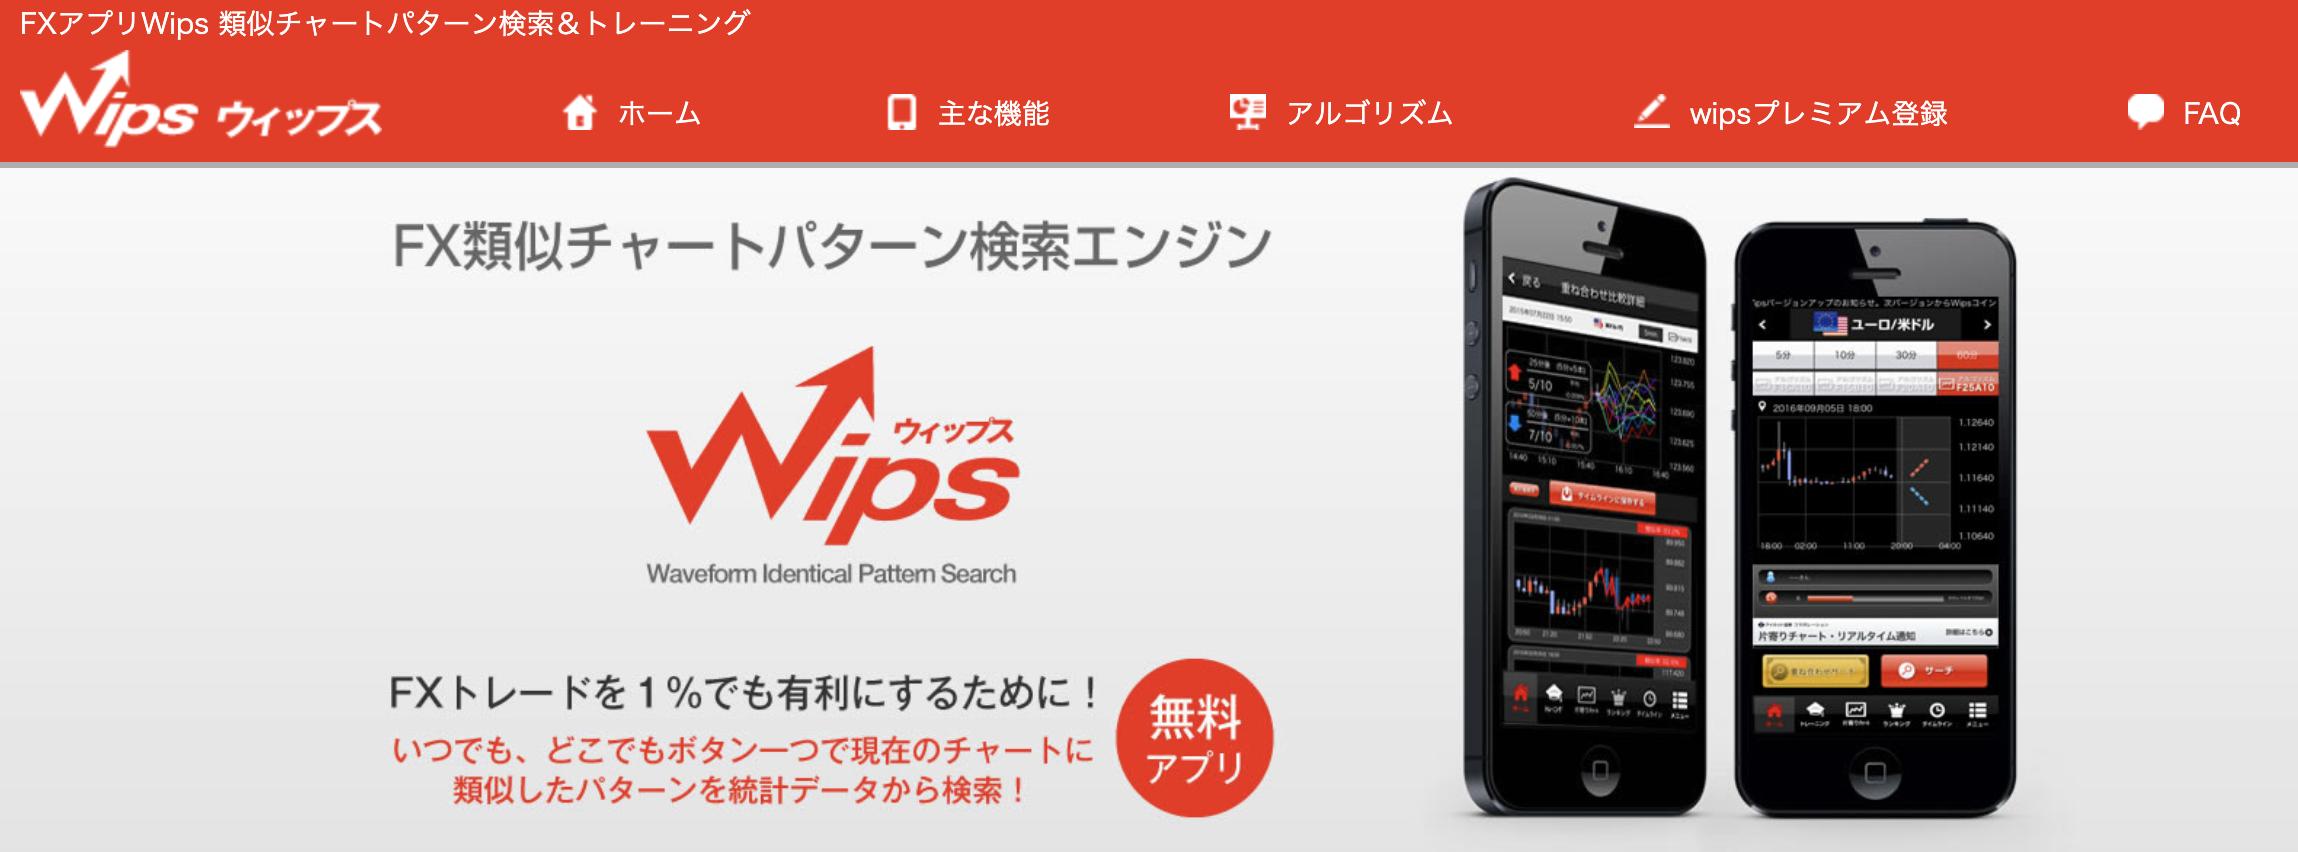 FXのアプリ